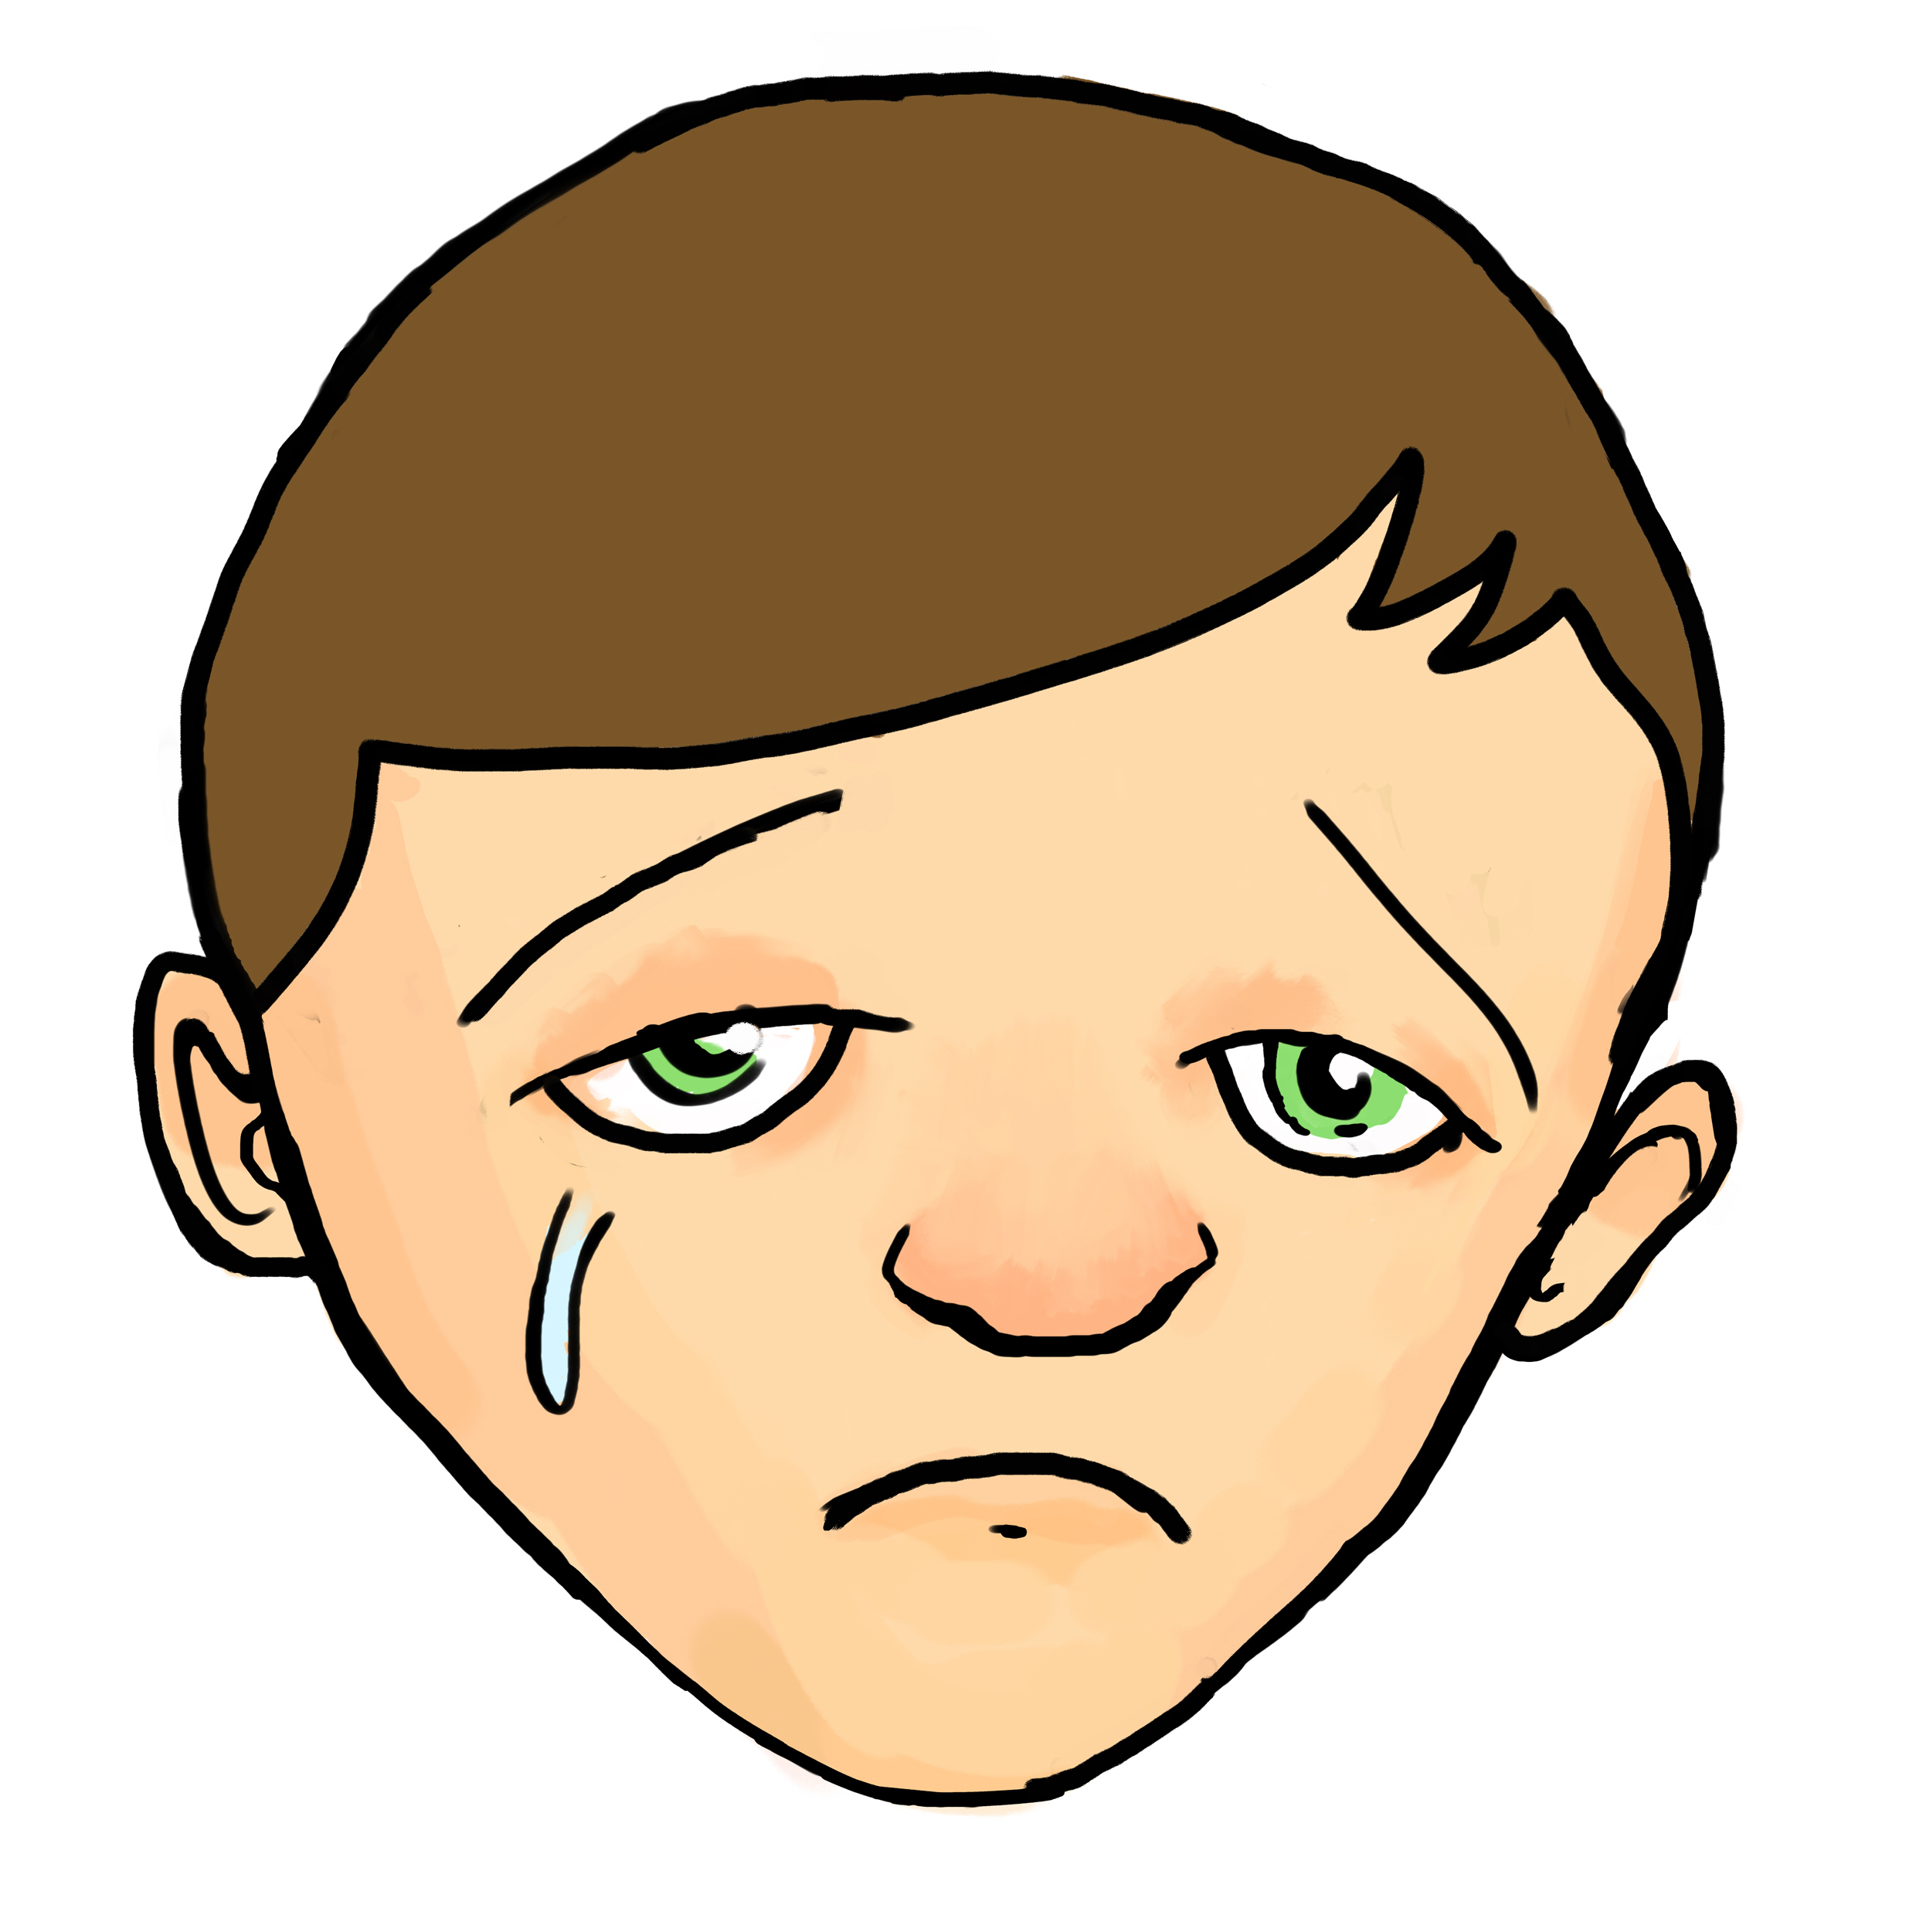 2480x2501 Cartoon Sad Boy Face Drawing Cartoon Boy Sad Face Drawing